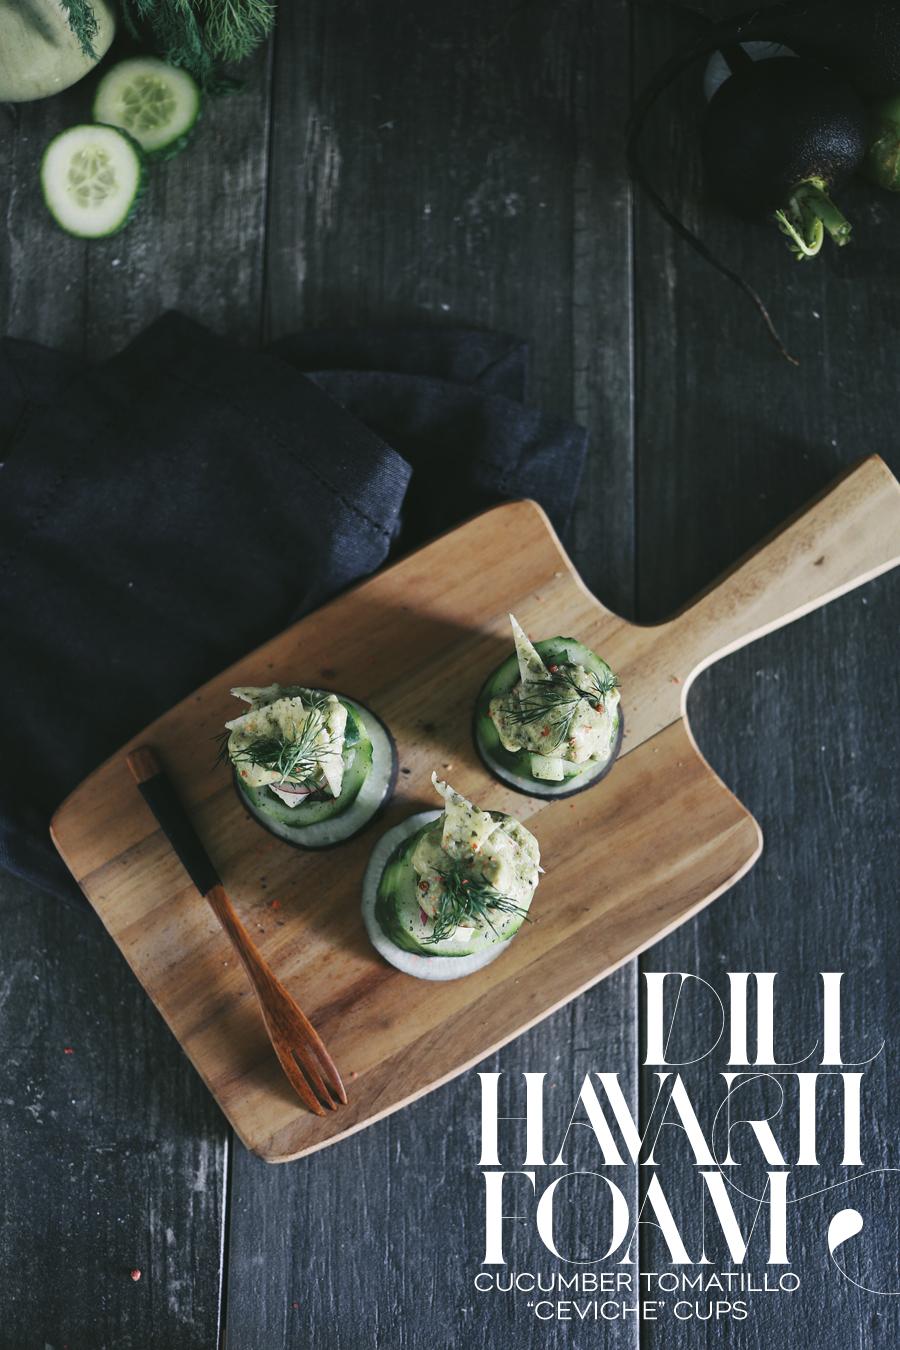 Cucumber Tomatillo Ceviche | Dill Havarti Foam | Dine X Design